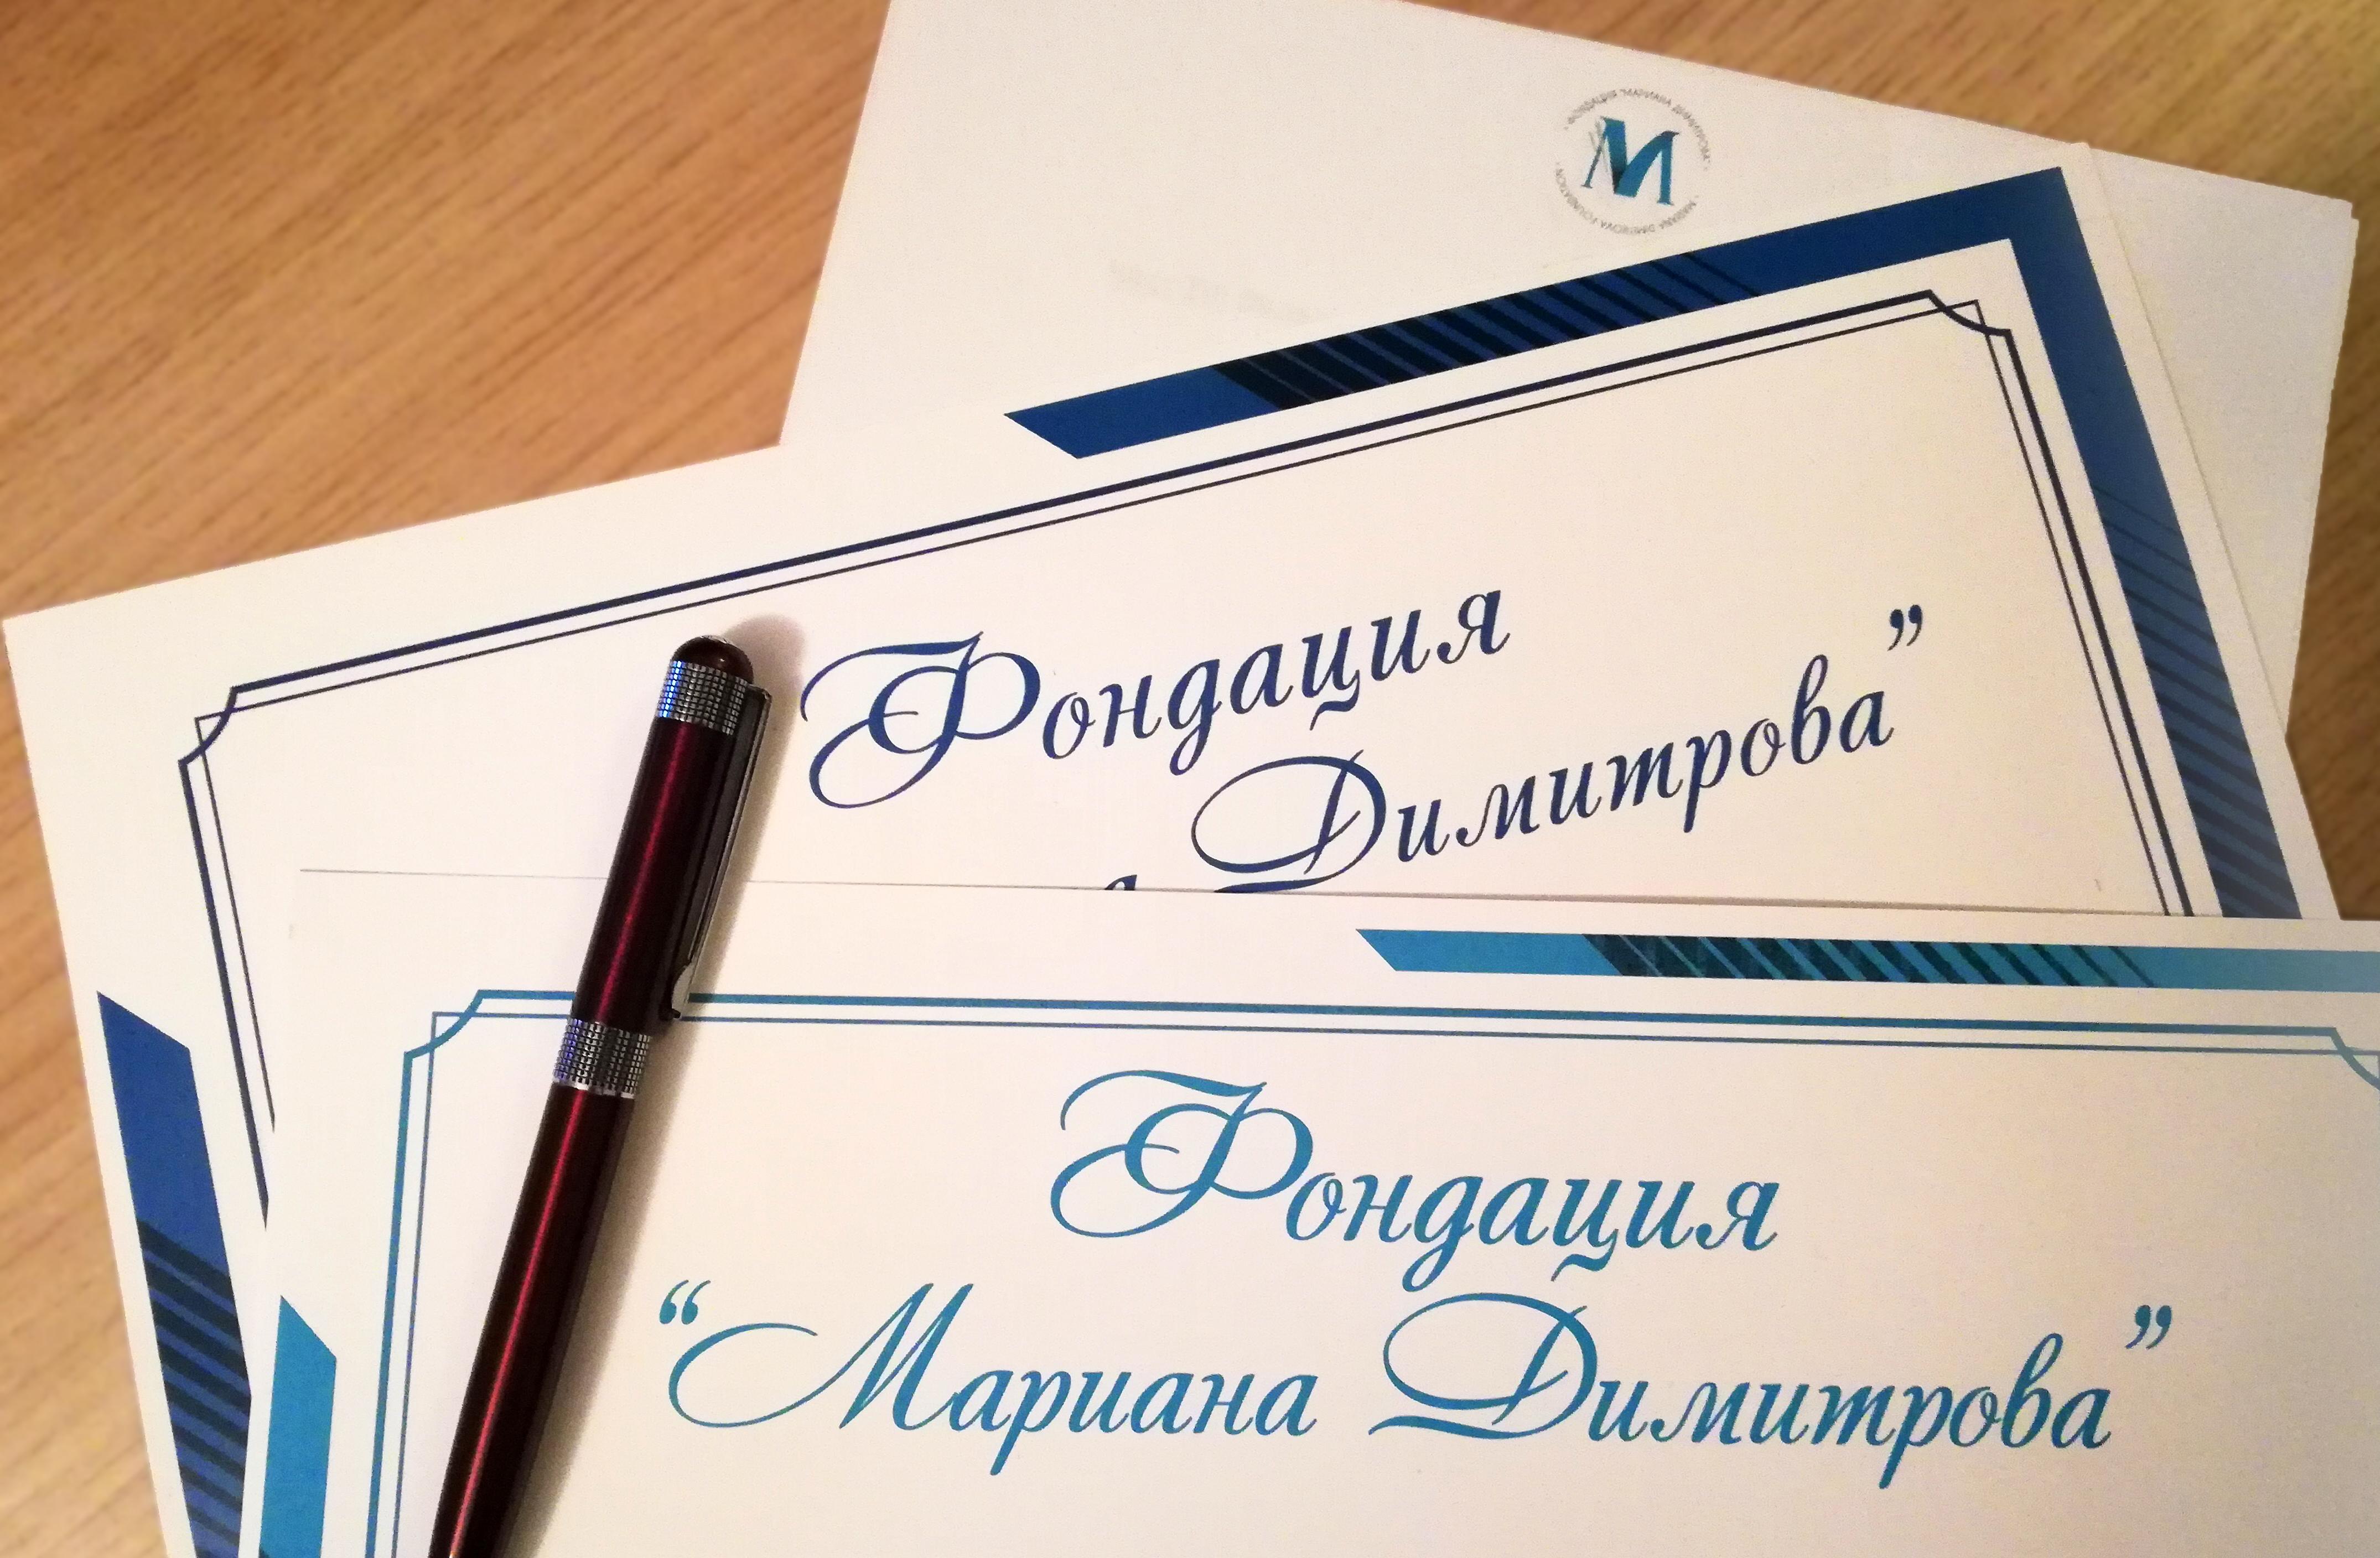 Fondatsia Mariana Dimitrova